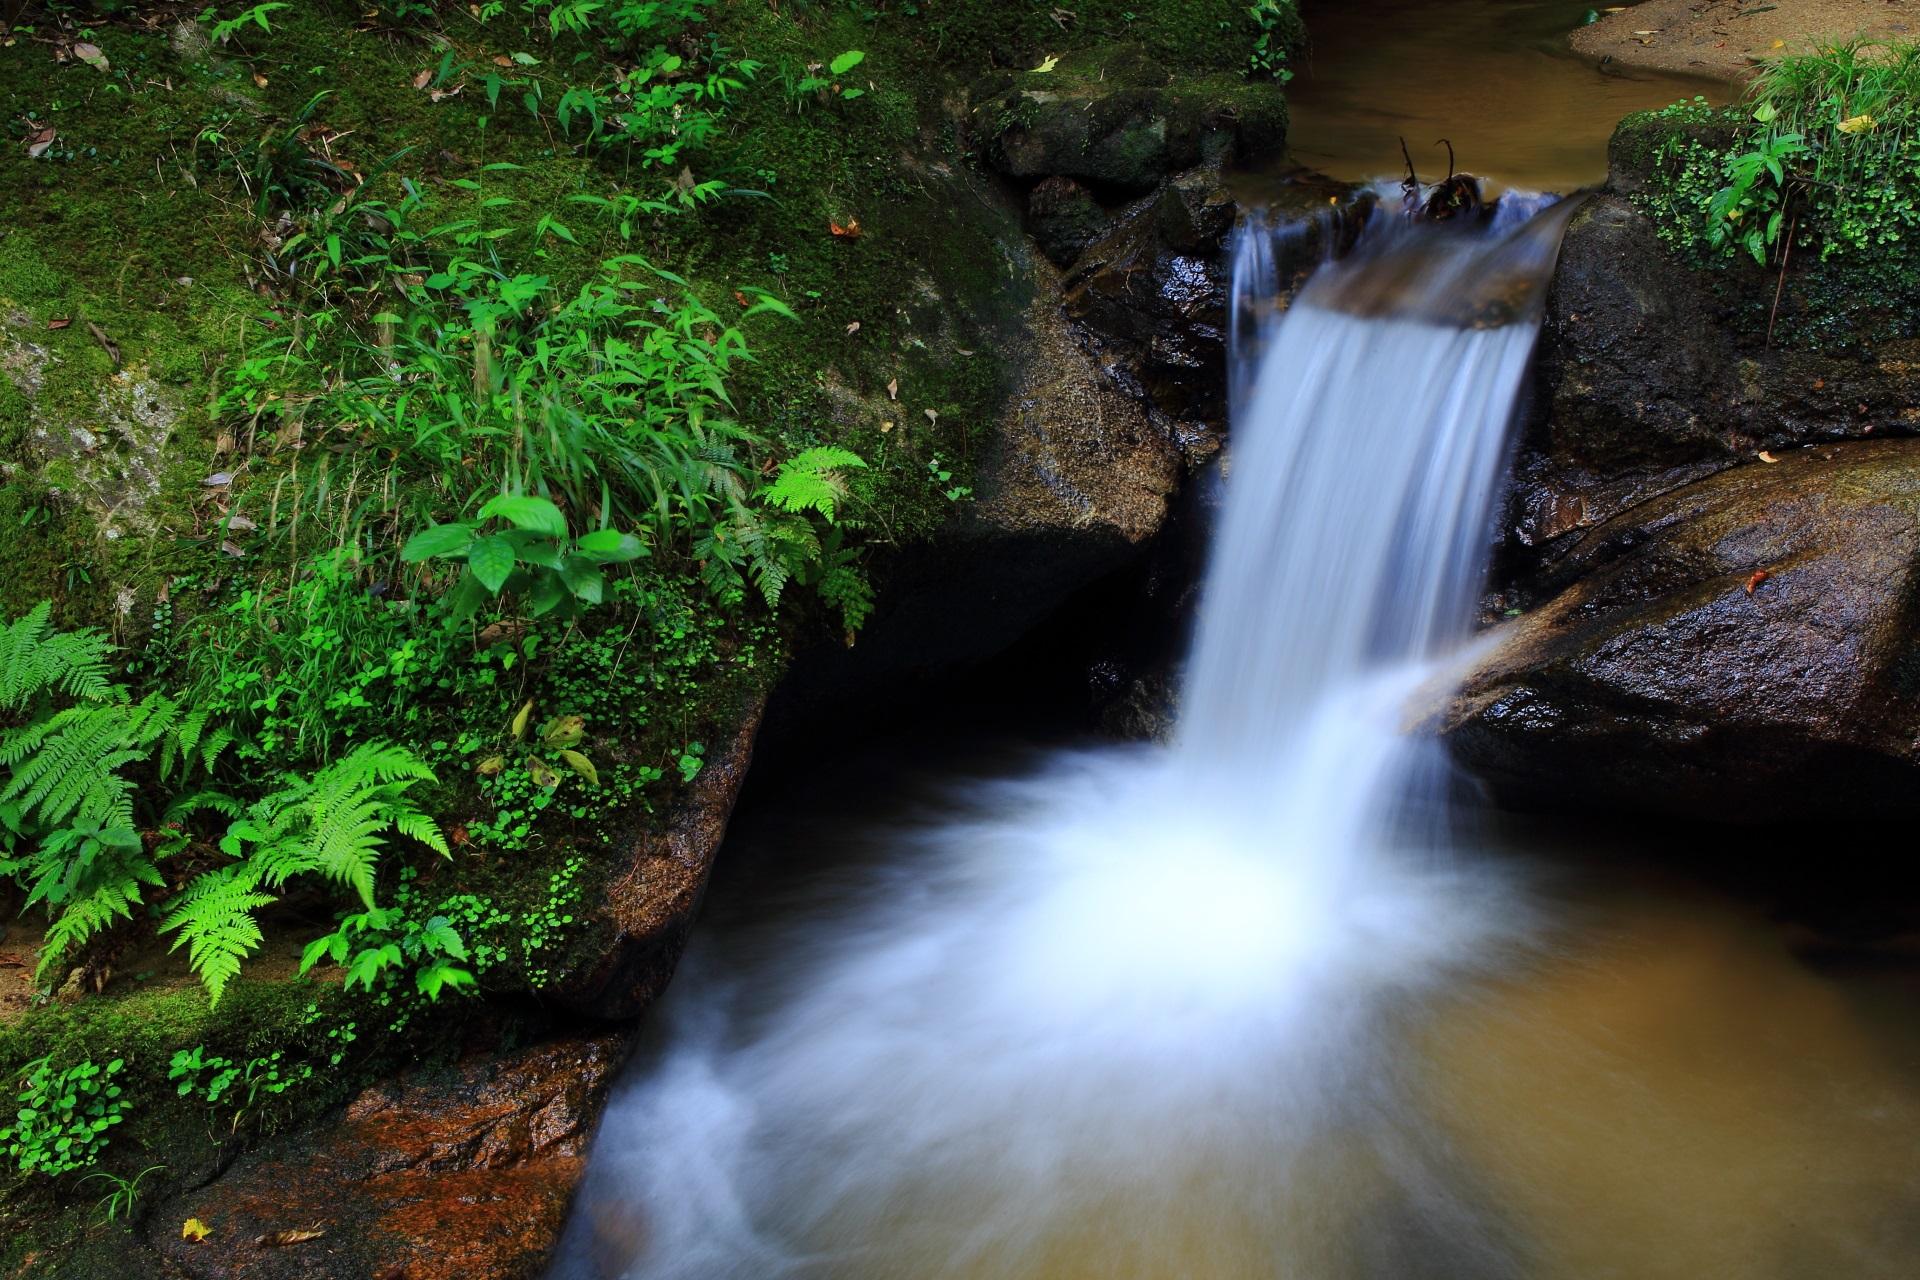 美しい滝の流れと緑